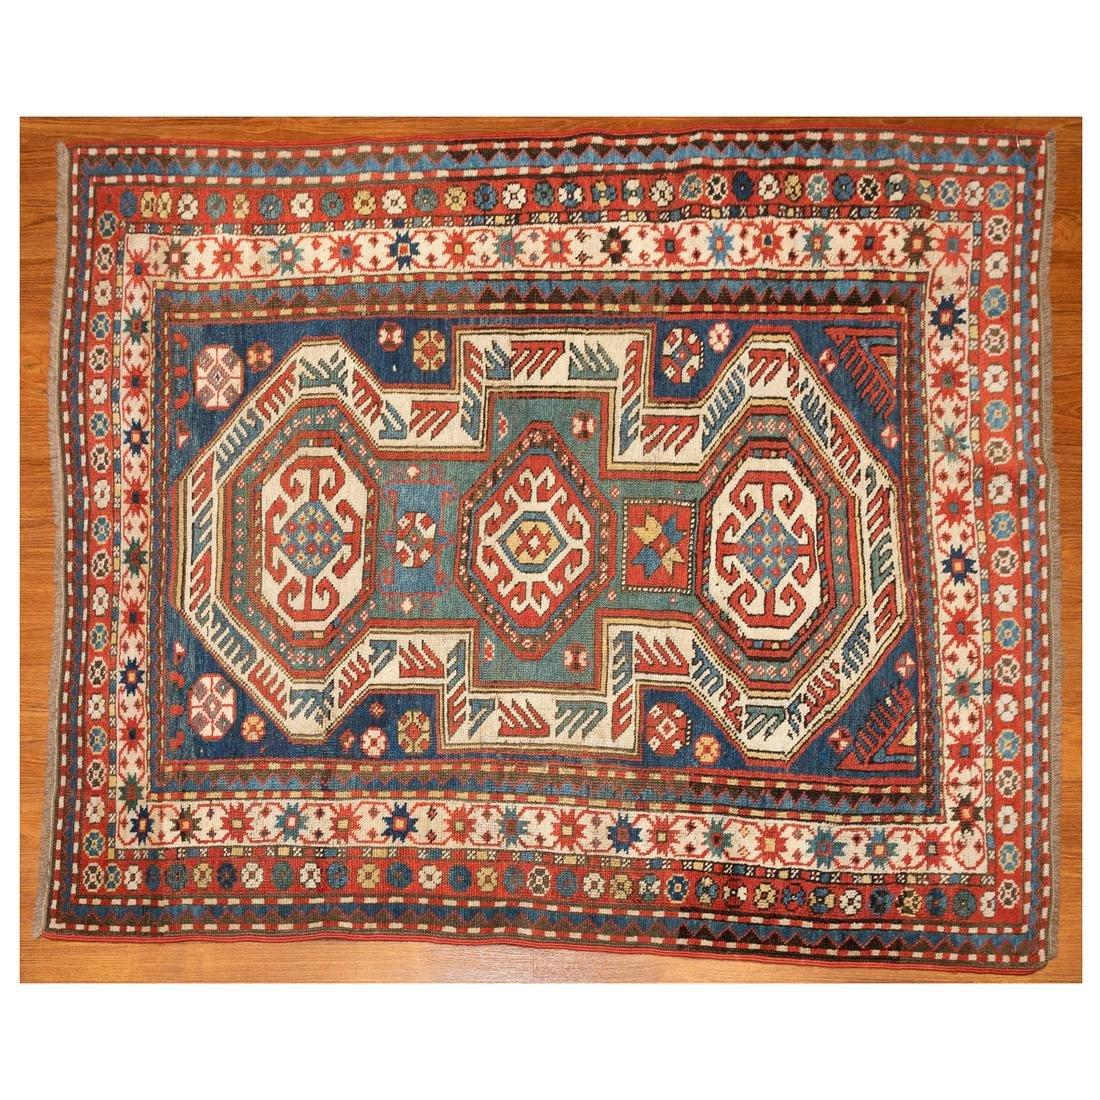 Antique Kazak Rug, Caucasus, 4 x 4.11